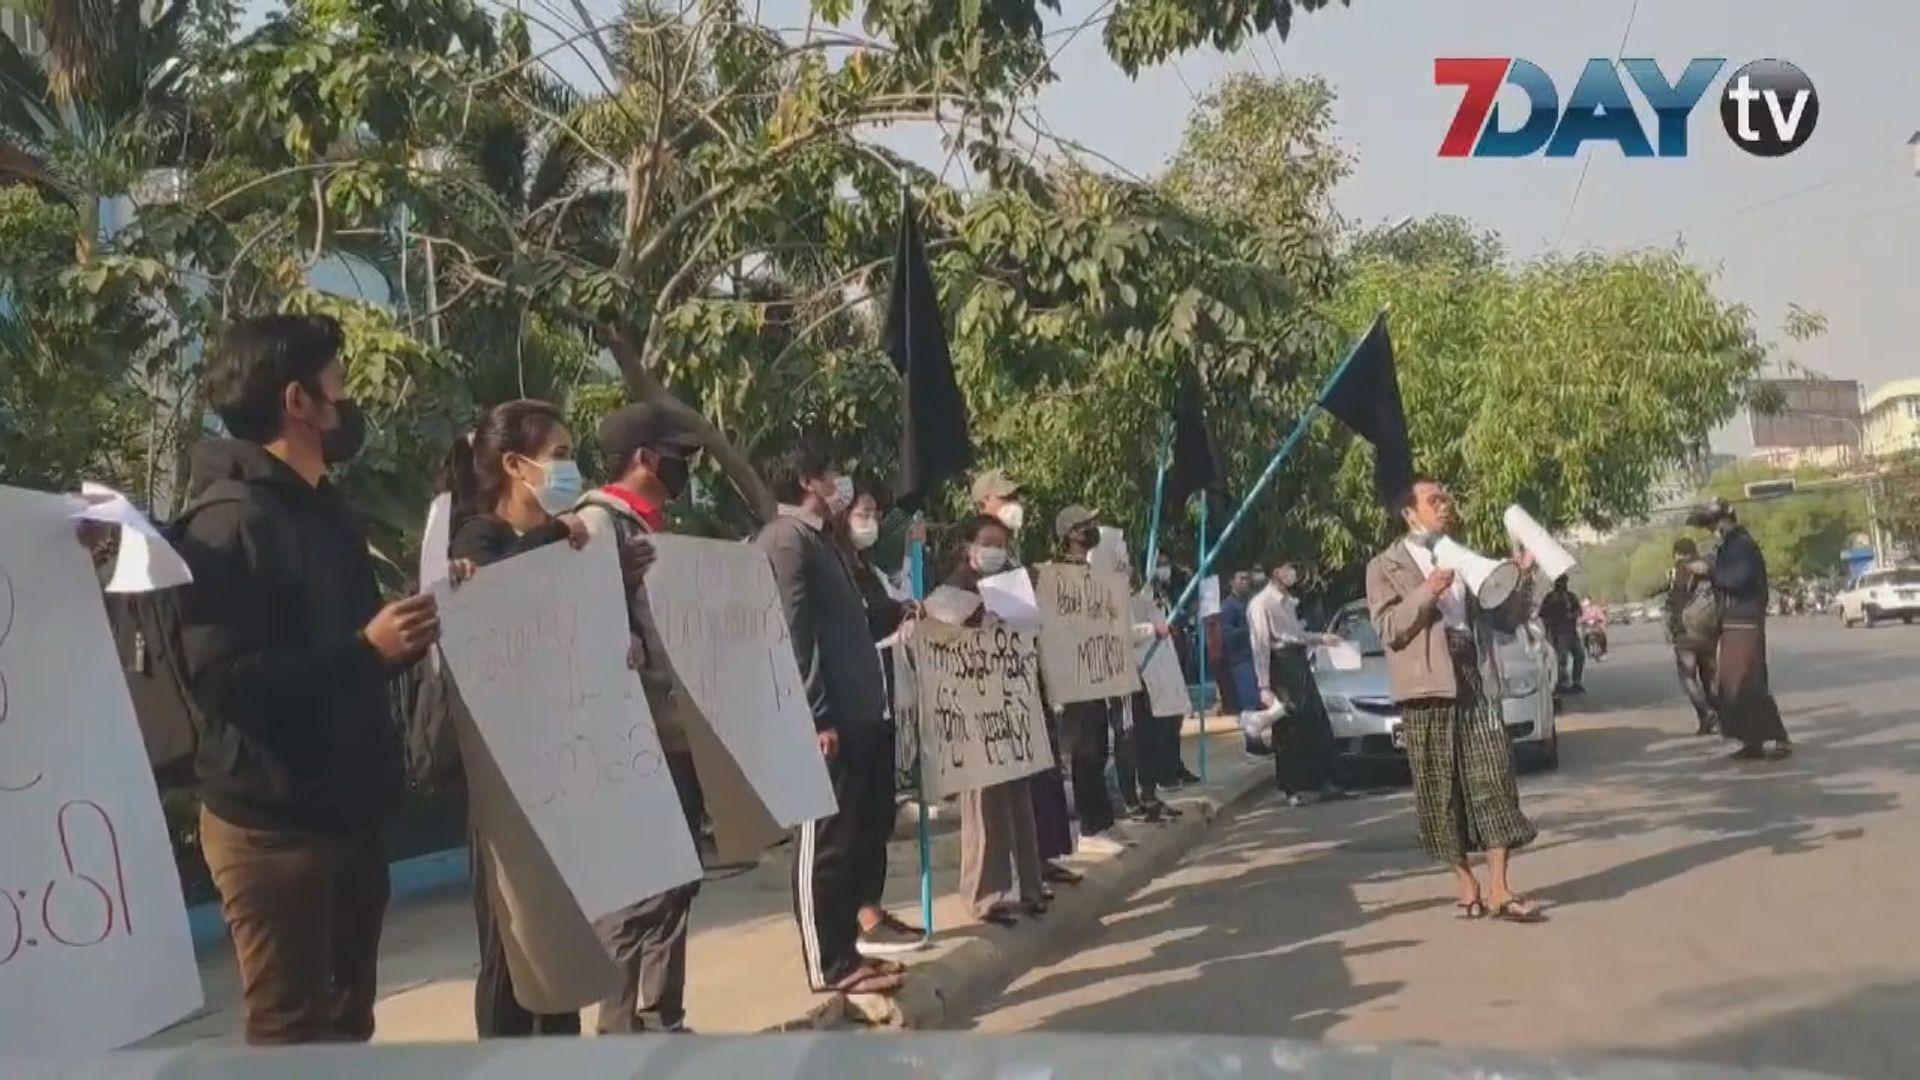 緬甸曼德勒民眾上街抗議軍方政變 促立即釋放被捕領袖